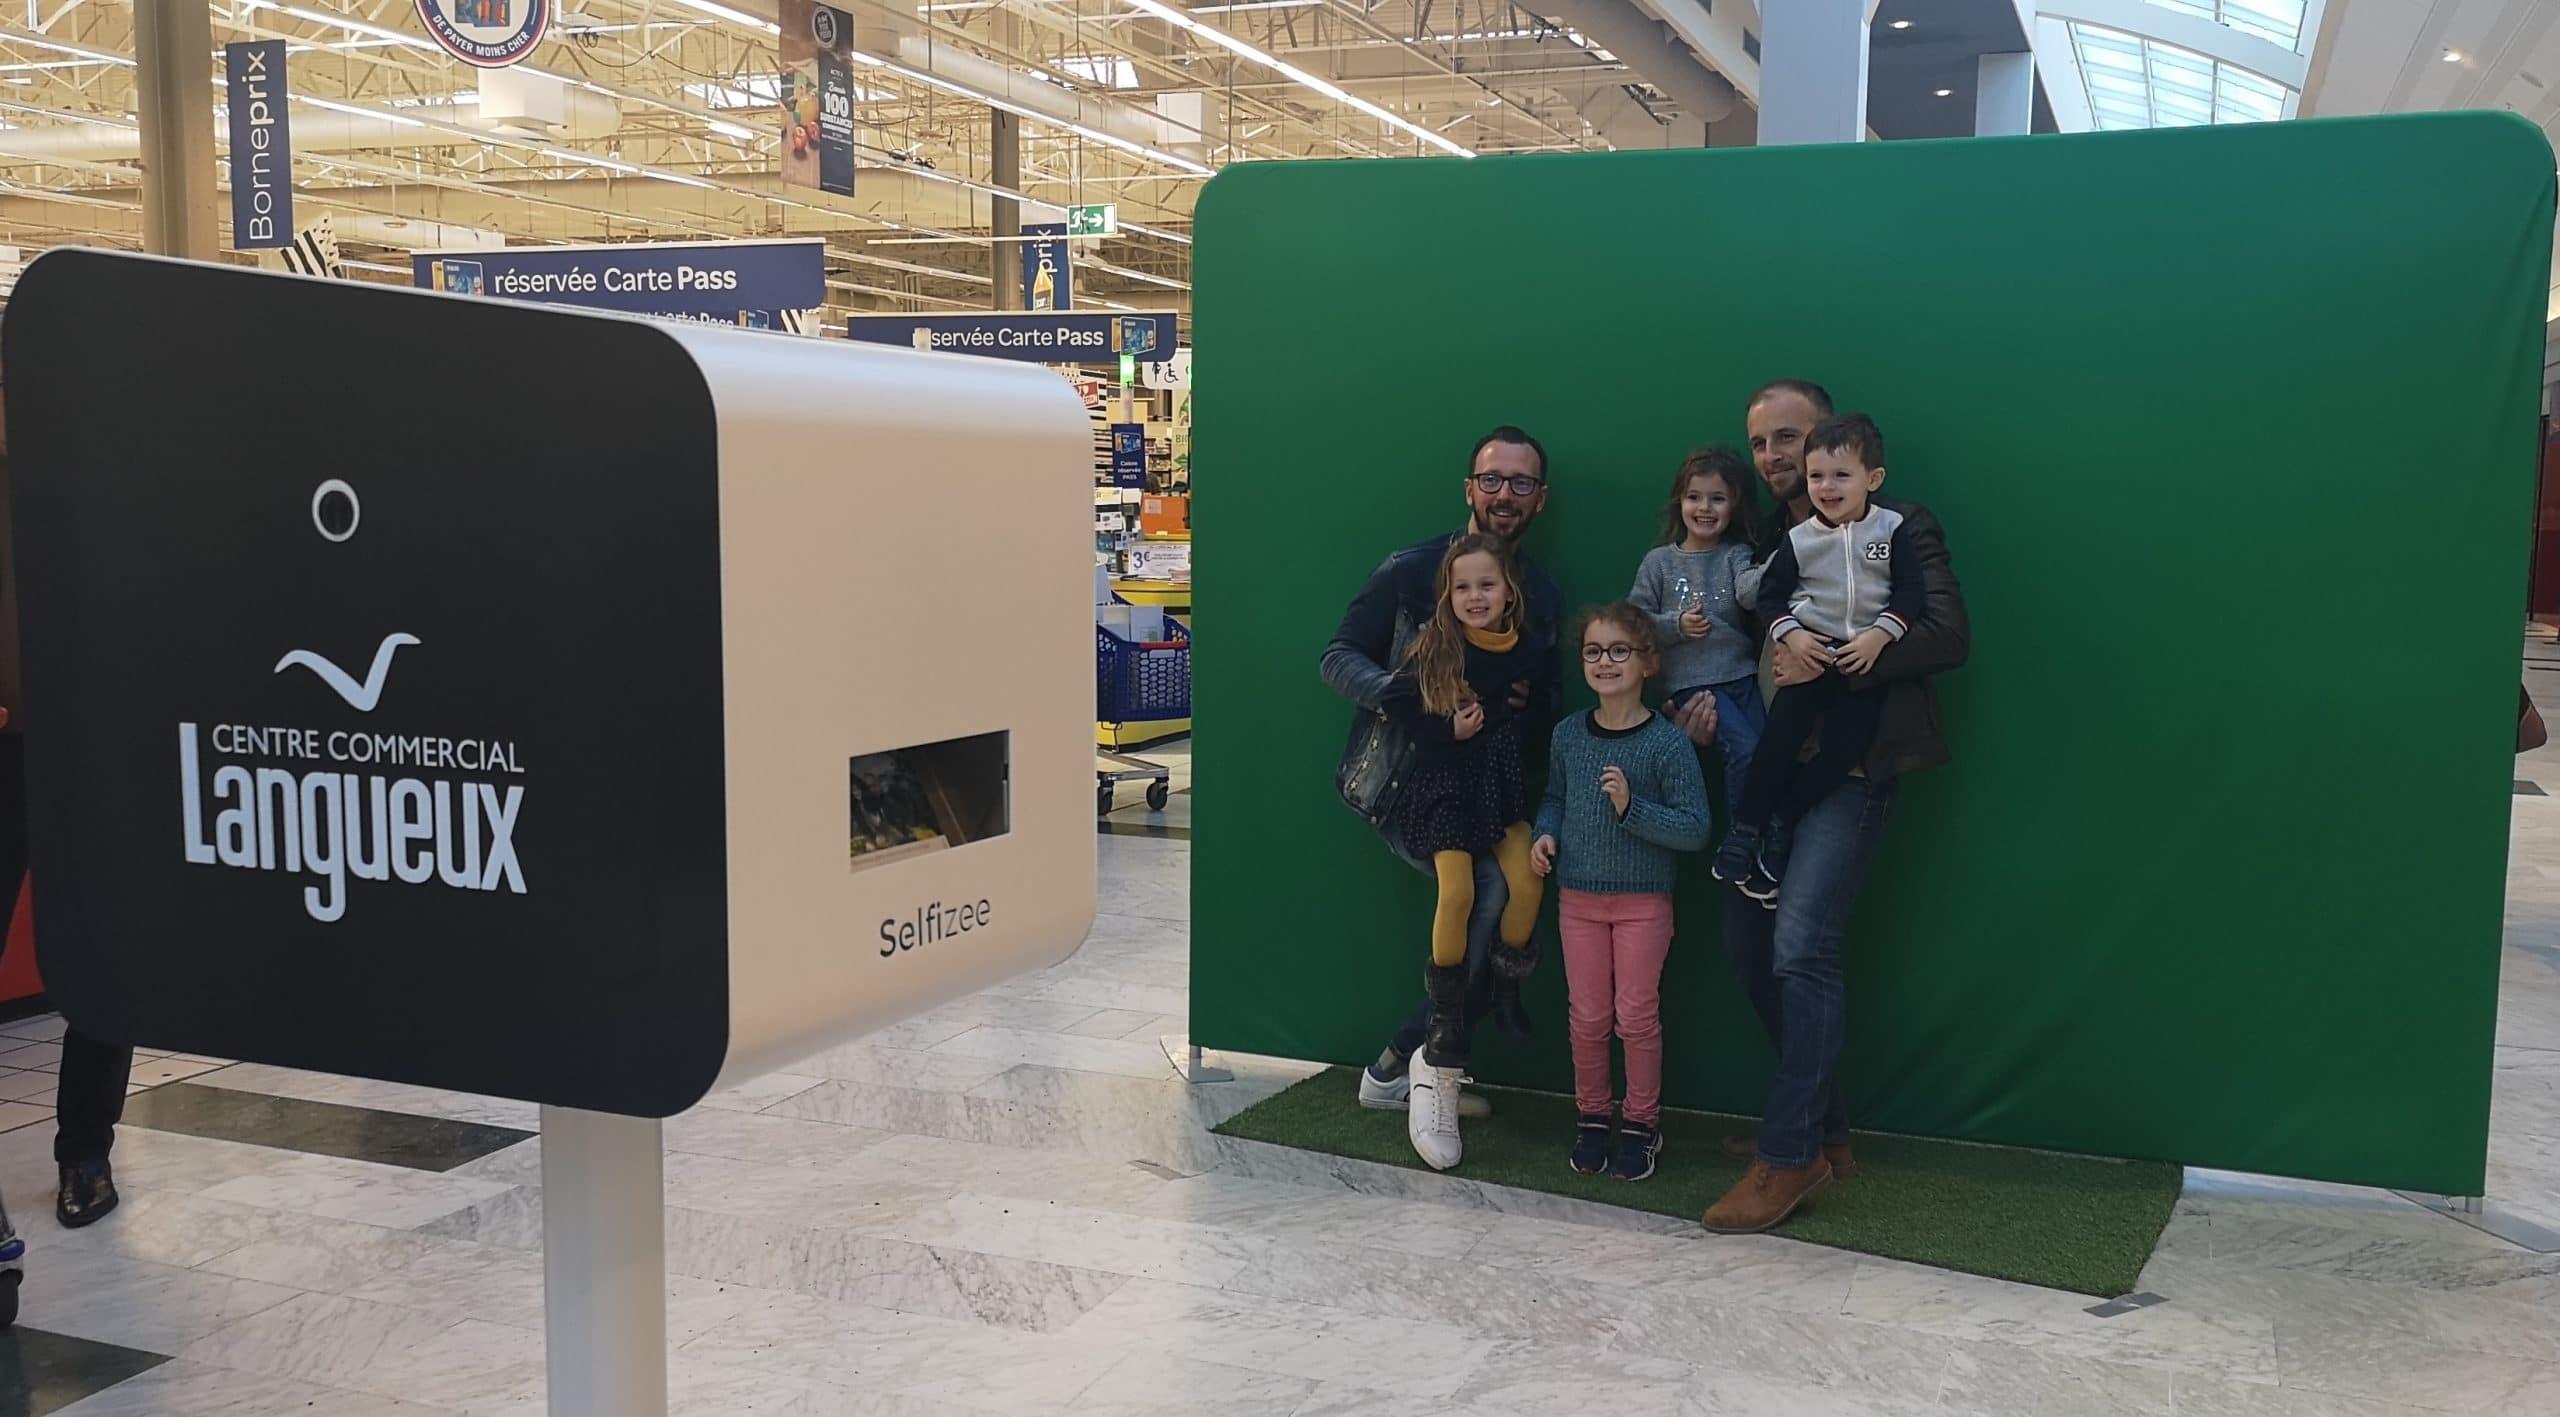 Borne photo et animation selfie fond vert 2019 au Carrefour Langueux à côté de Saint Brieuc